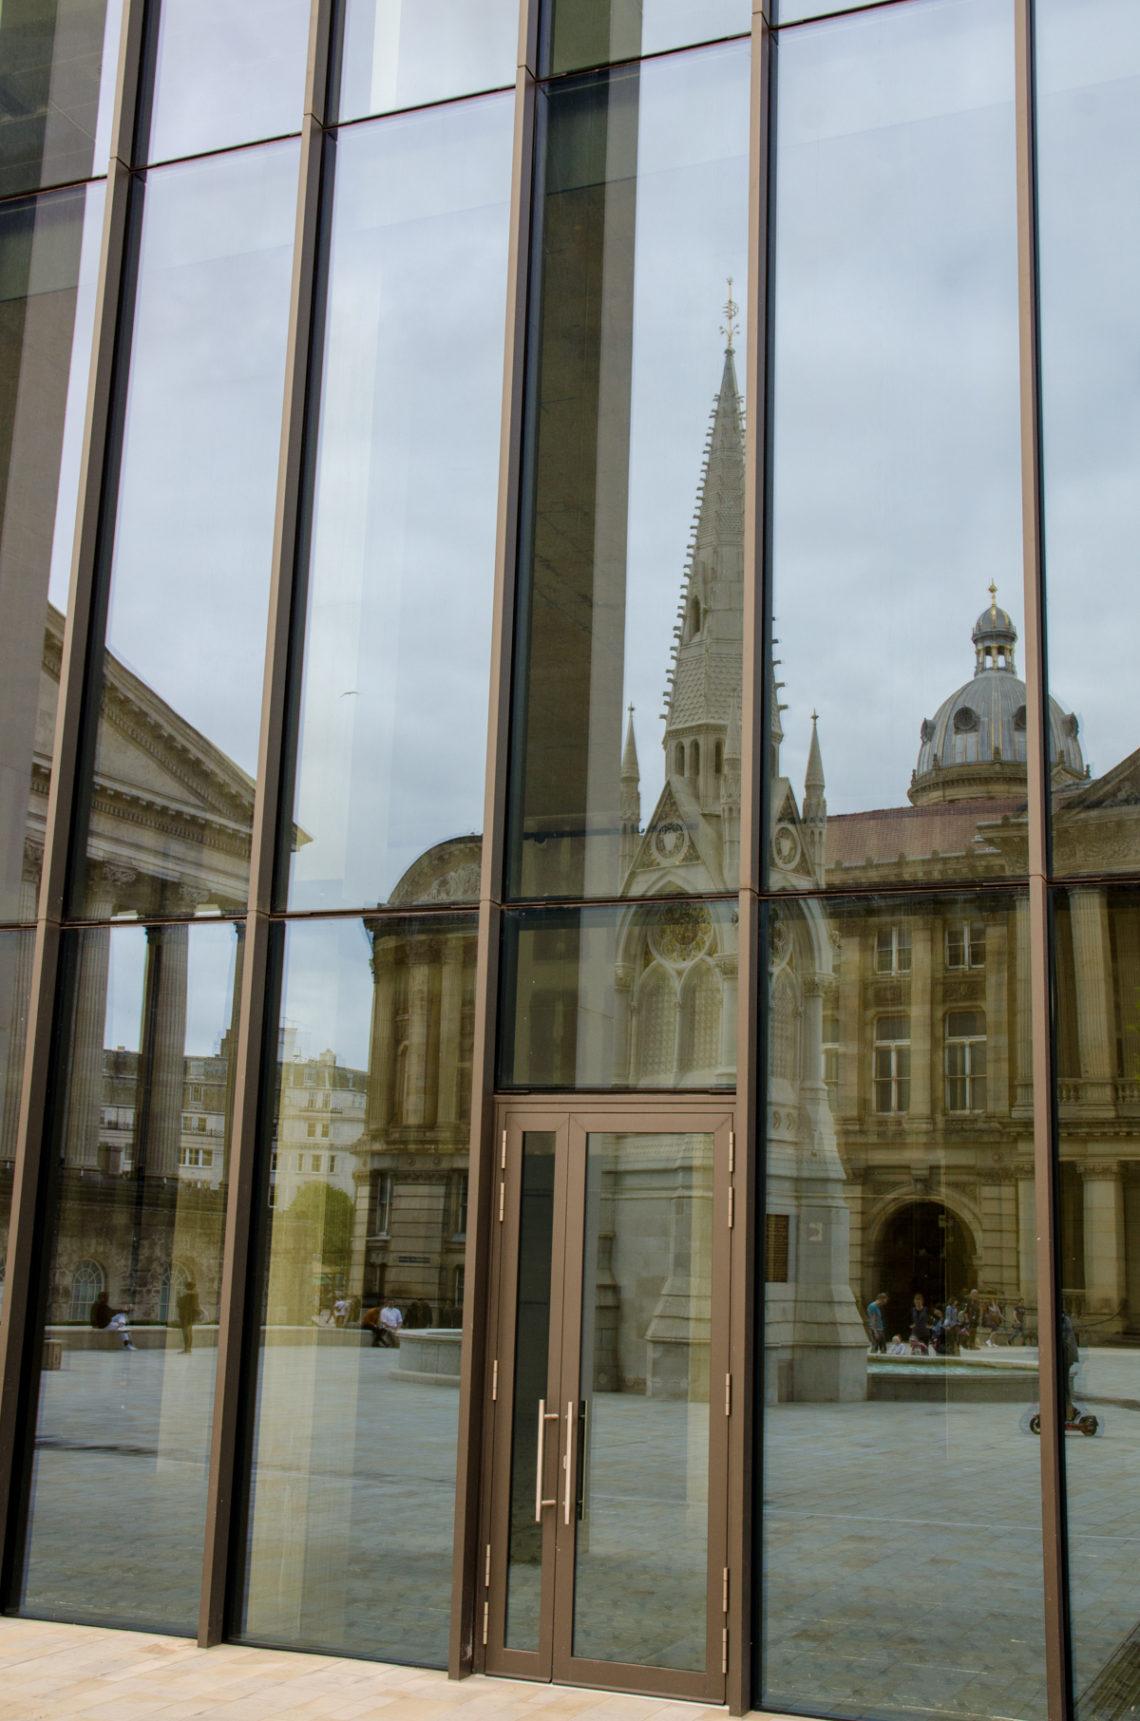 Reflet de bâtiments sur une façade